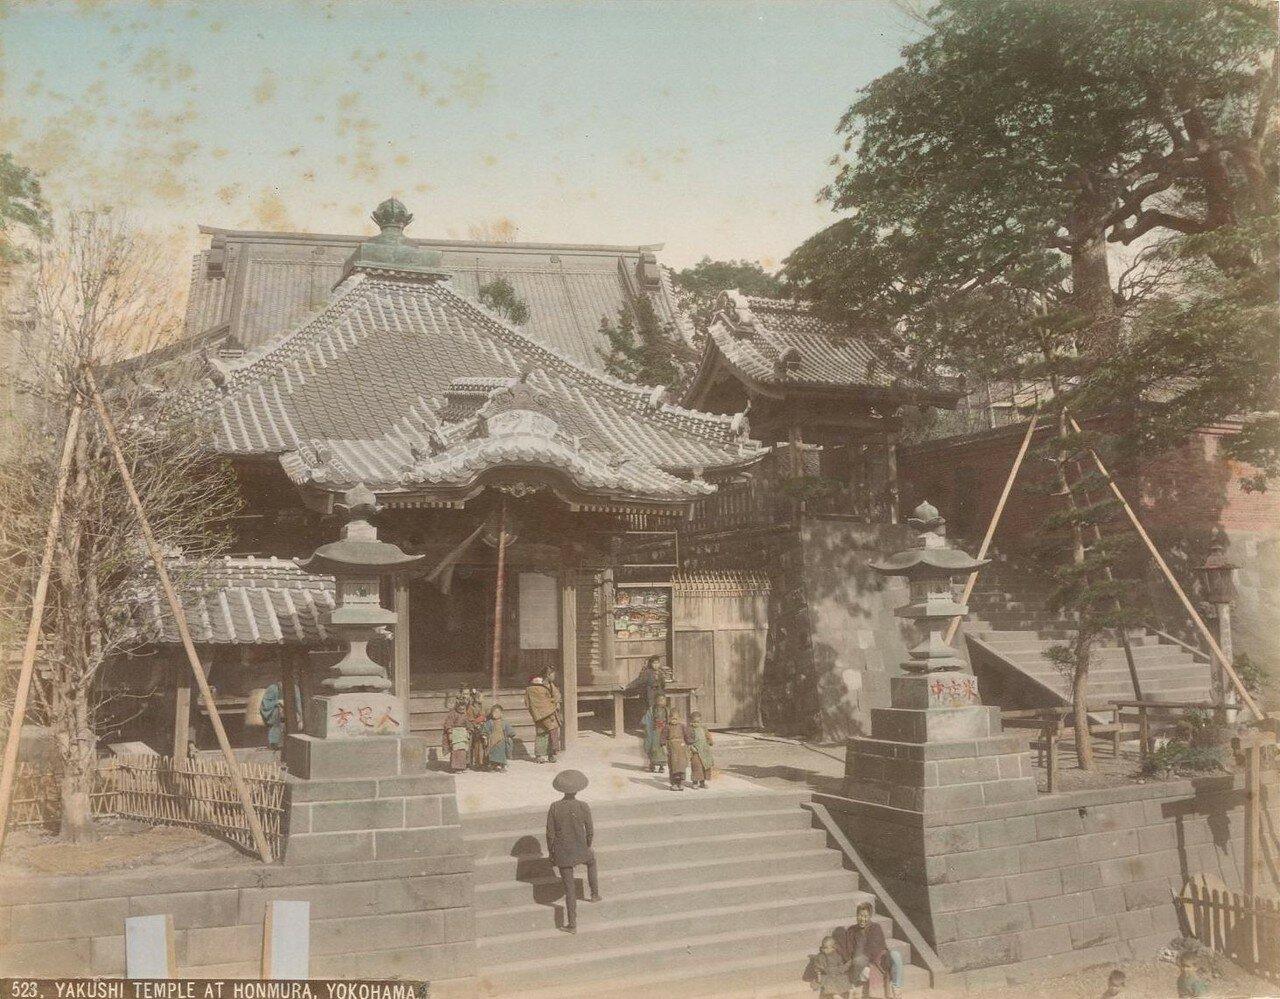 Иокогама. Храм Якусидзи